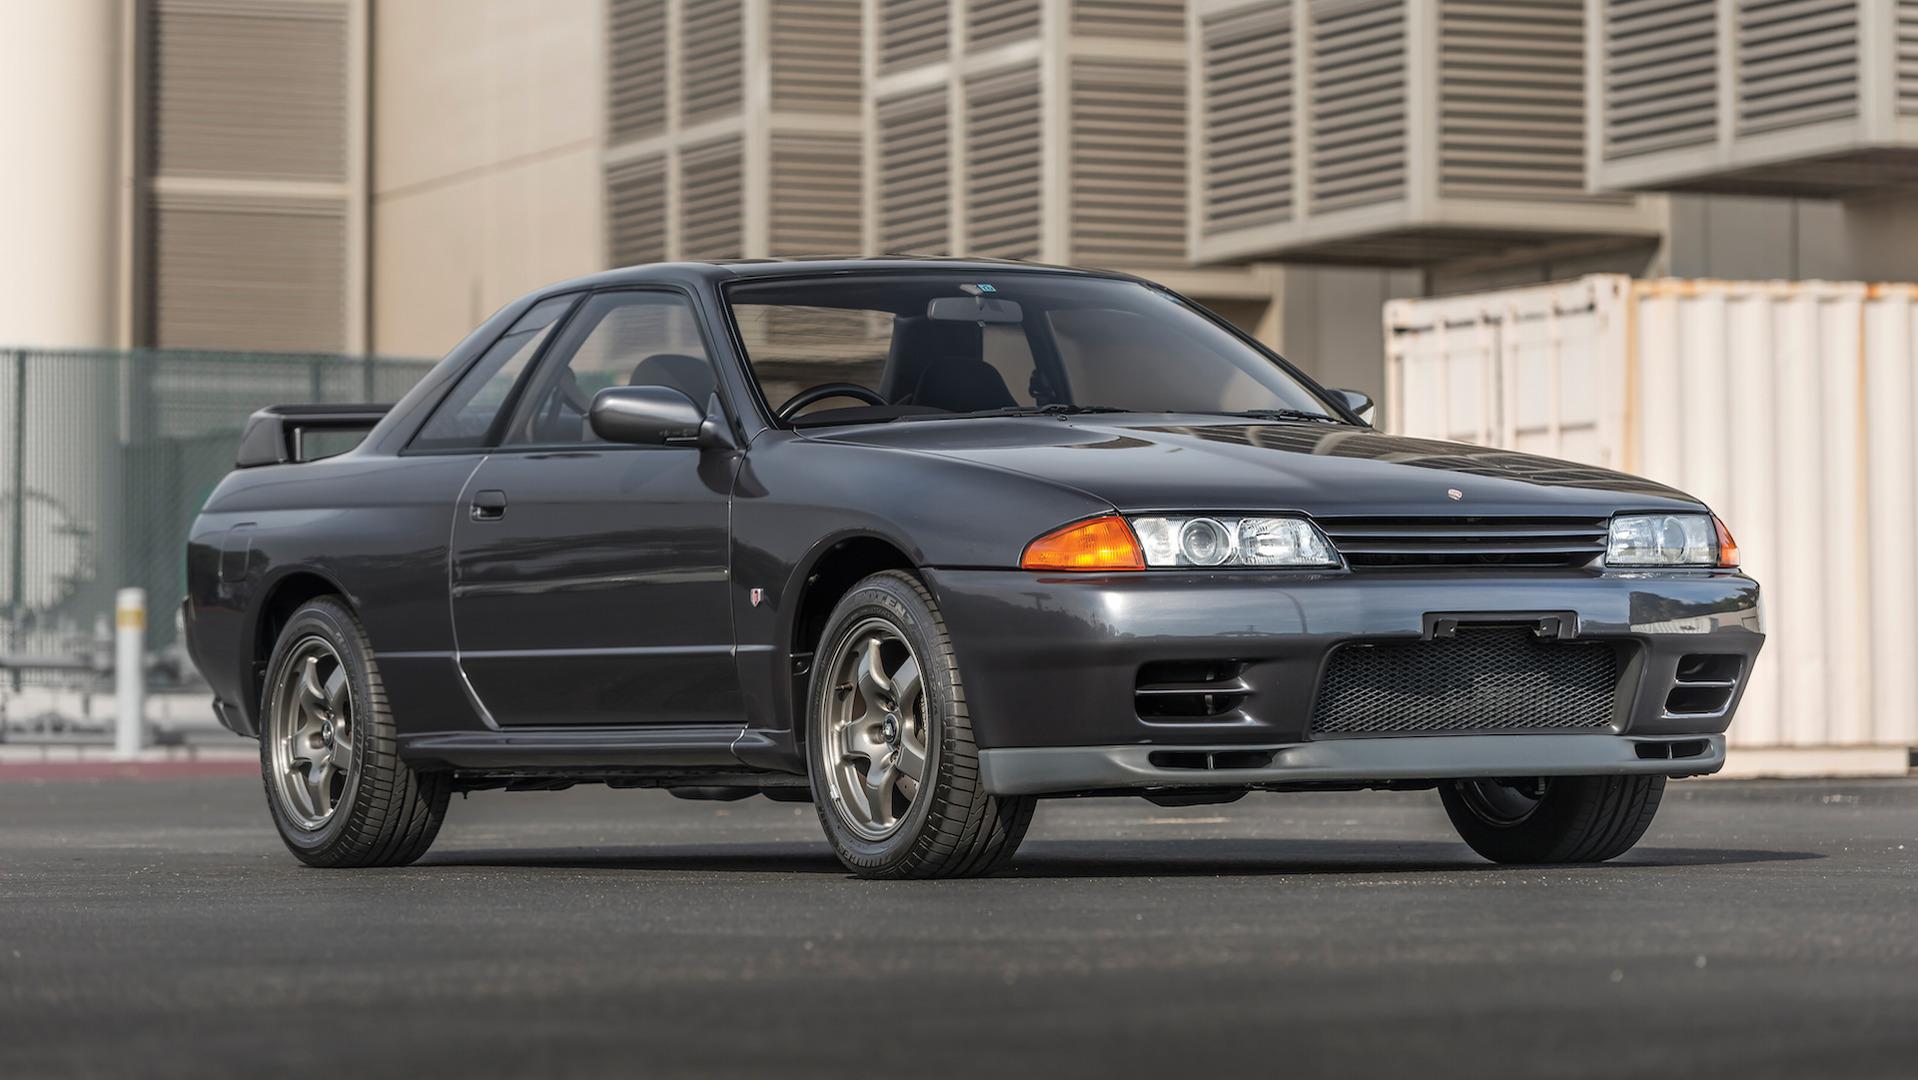 1989_Nissan_Skylline_GT-R_R32_Auction_01